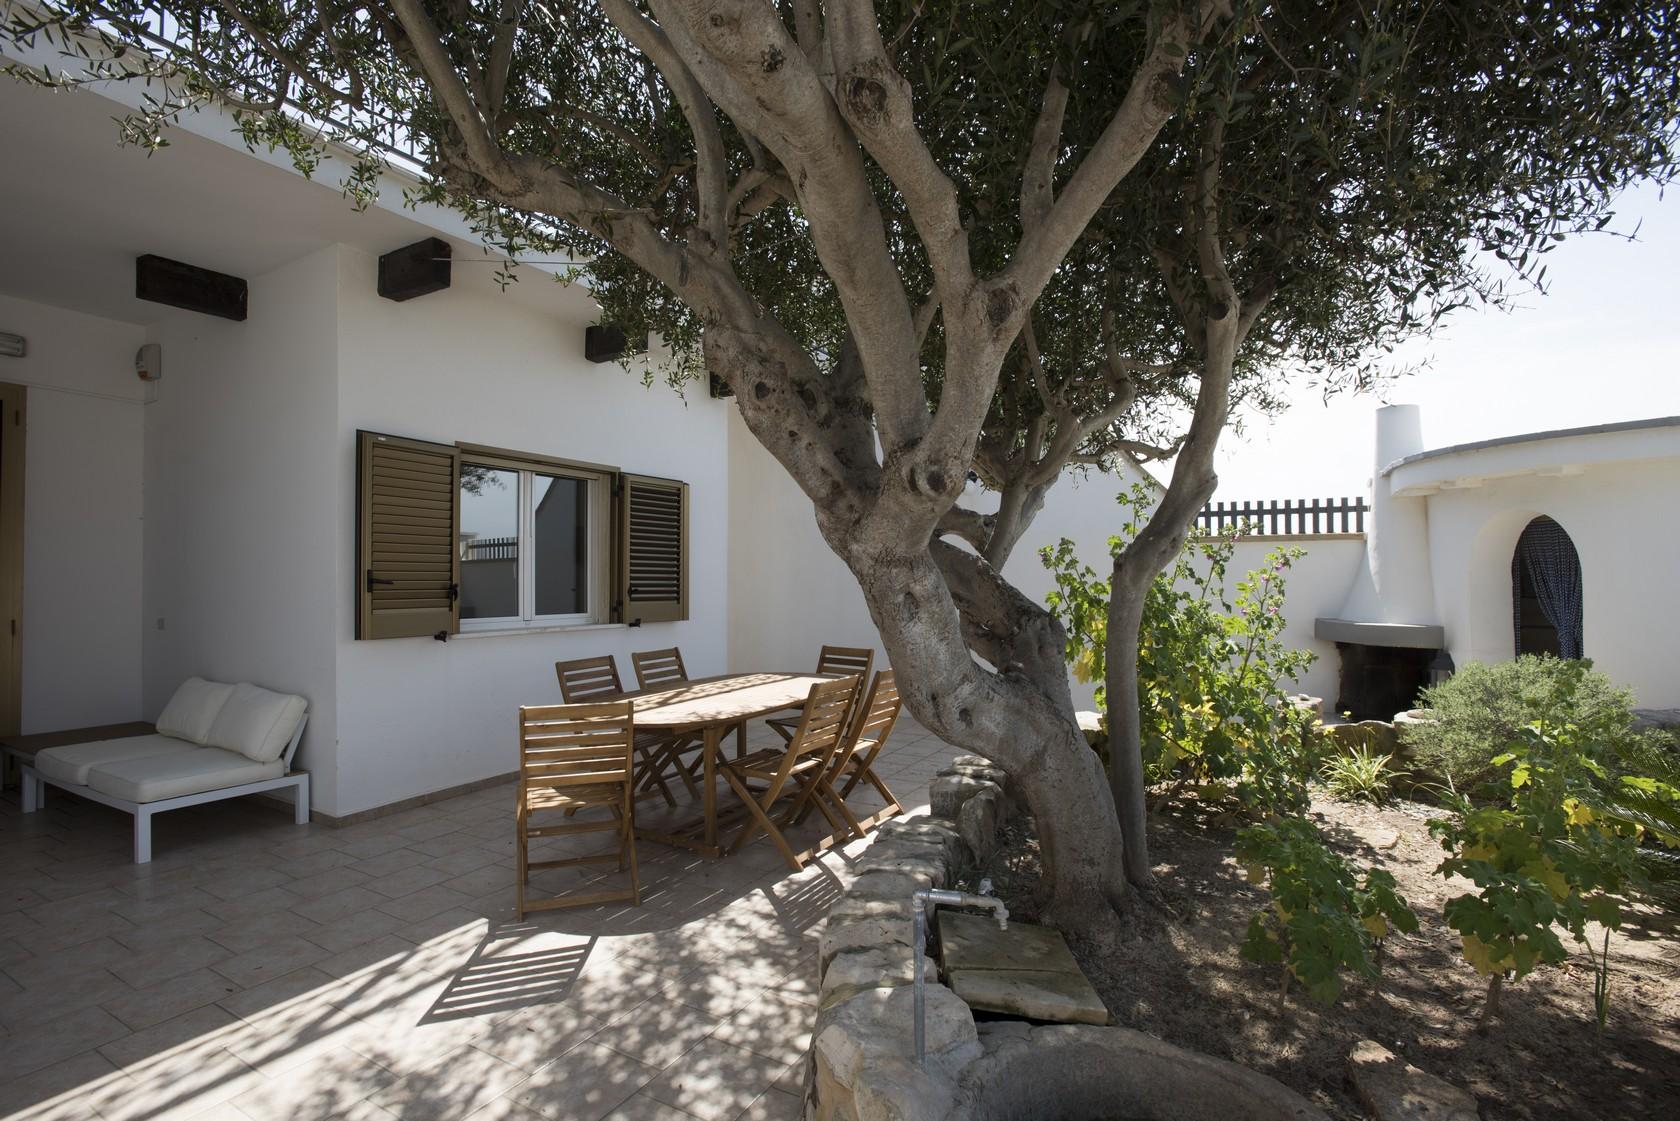 Ferienhaus Villa Desiderio, villa on the beach (2354061), Porto Cesareo, Lecce, Apulien, Italien, Bild 12